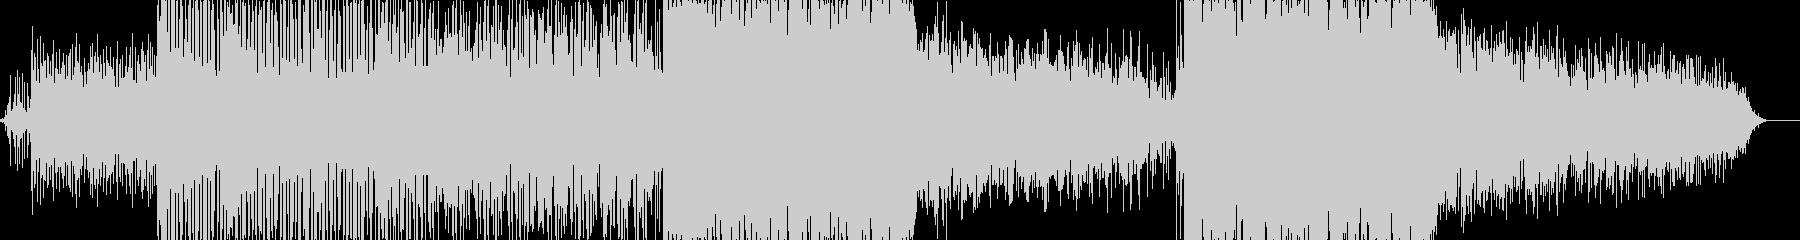 カリンバと自然なサウンドスケープ上...の未再生の波形